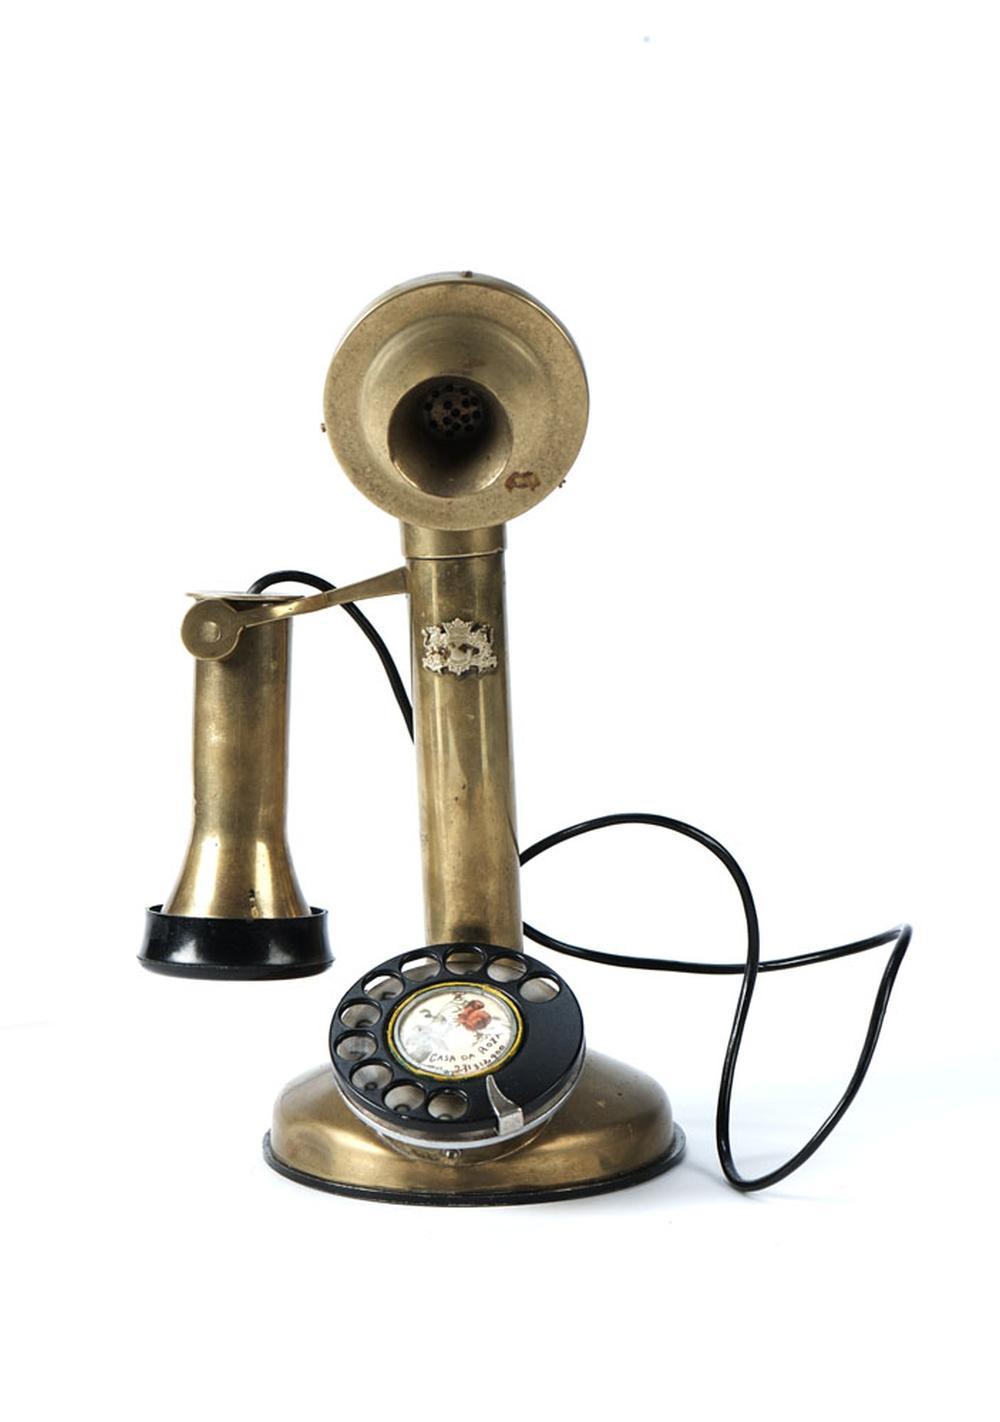 Telefone de mesa em metal e material sintético